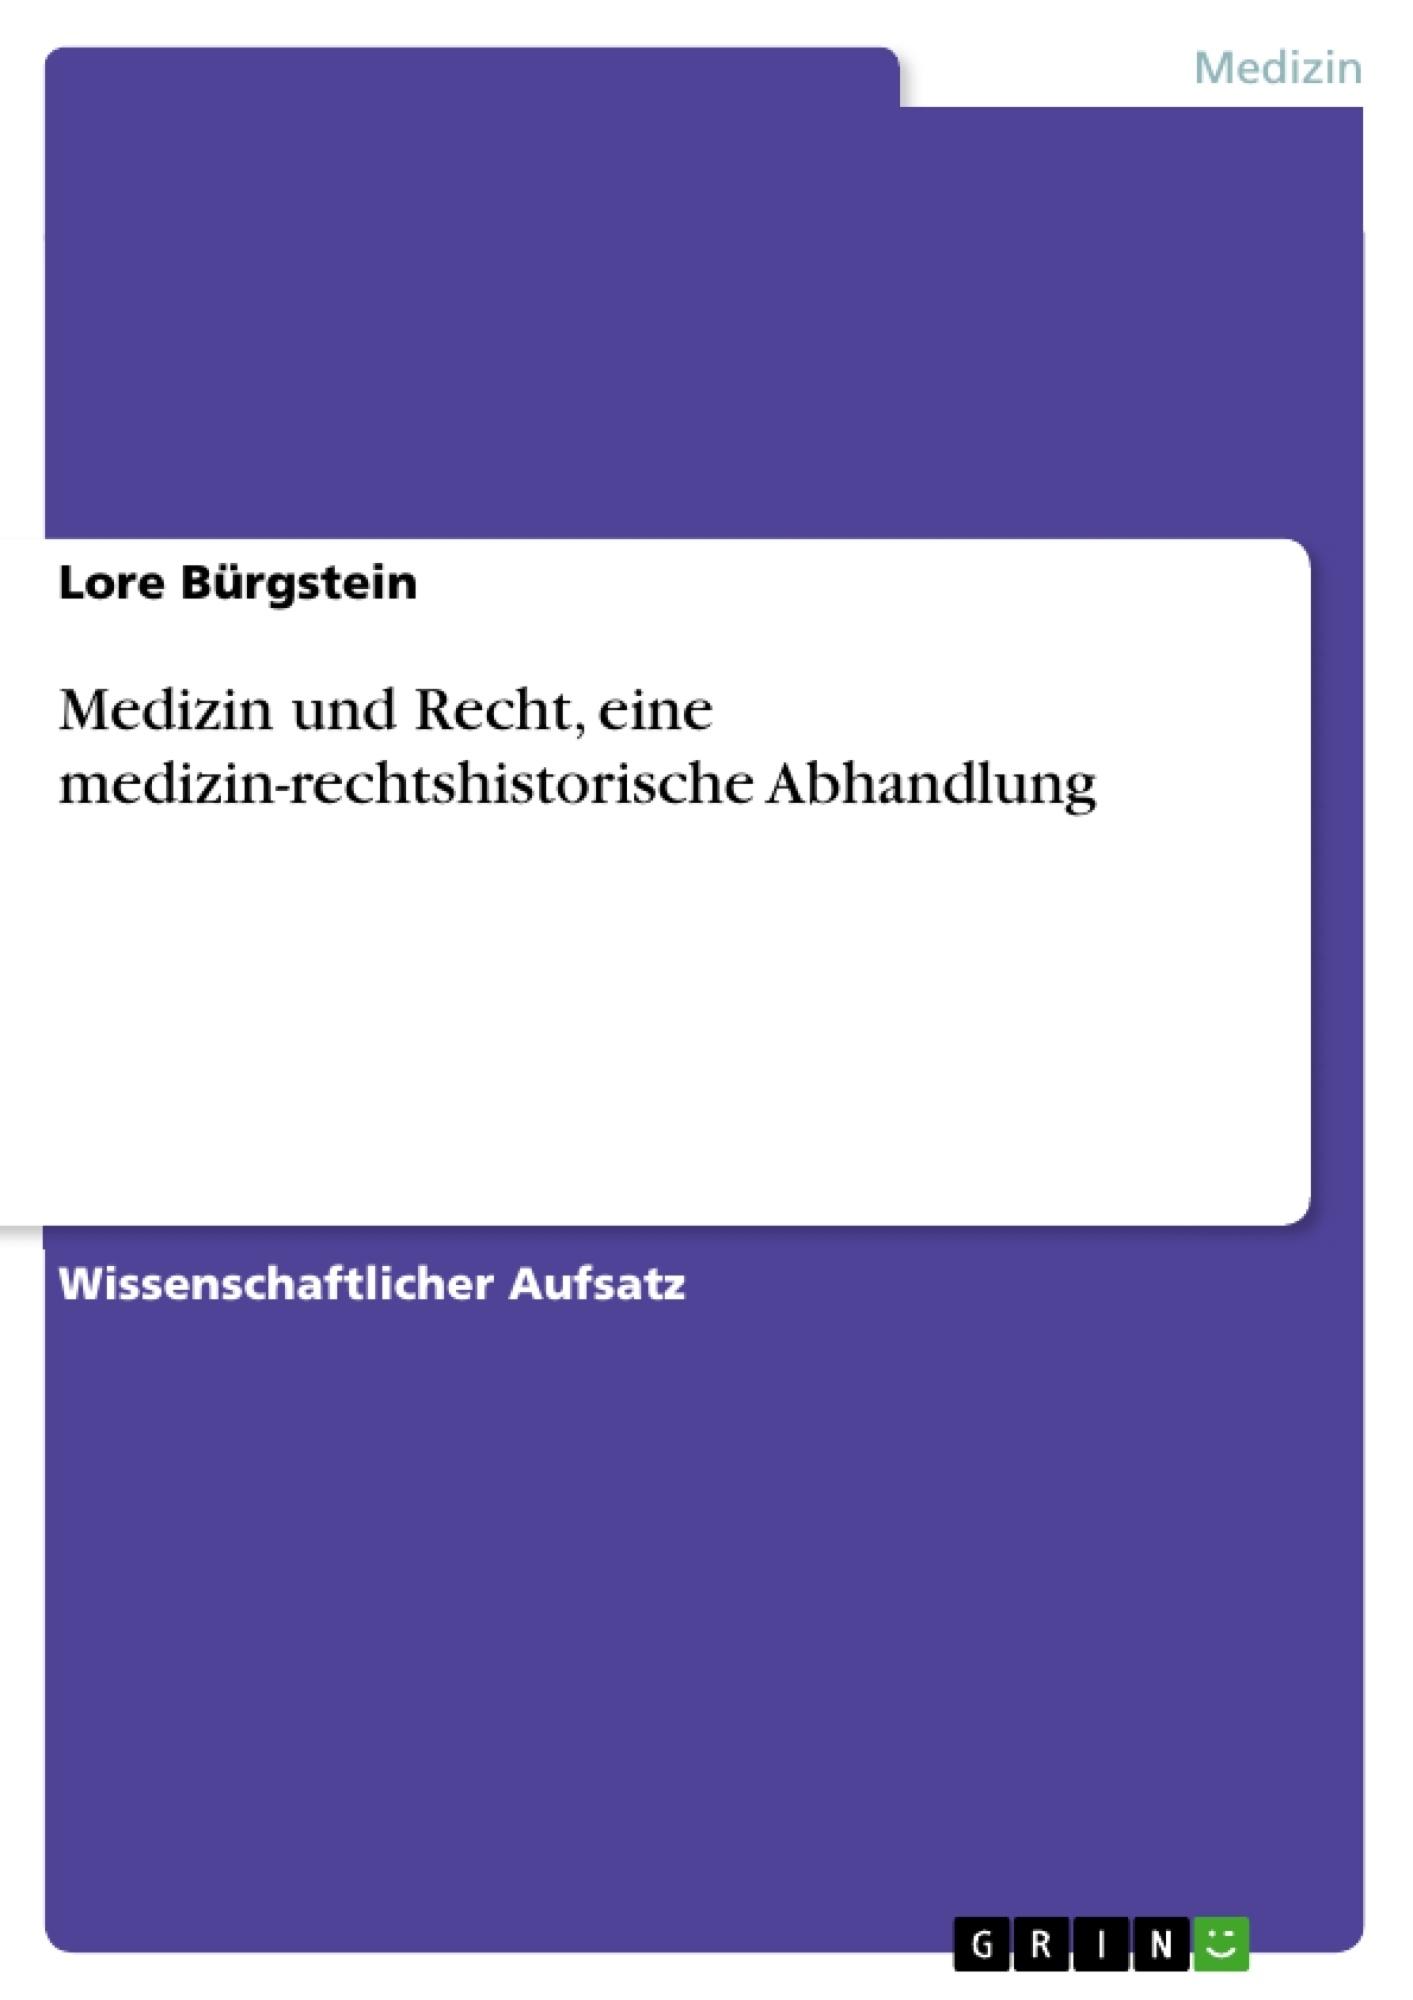 Titel: Medizin und Recht, eine medizin-rechtshistorische Abhandlung